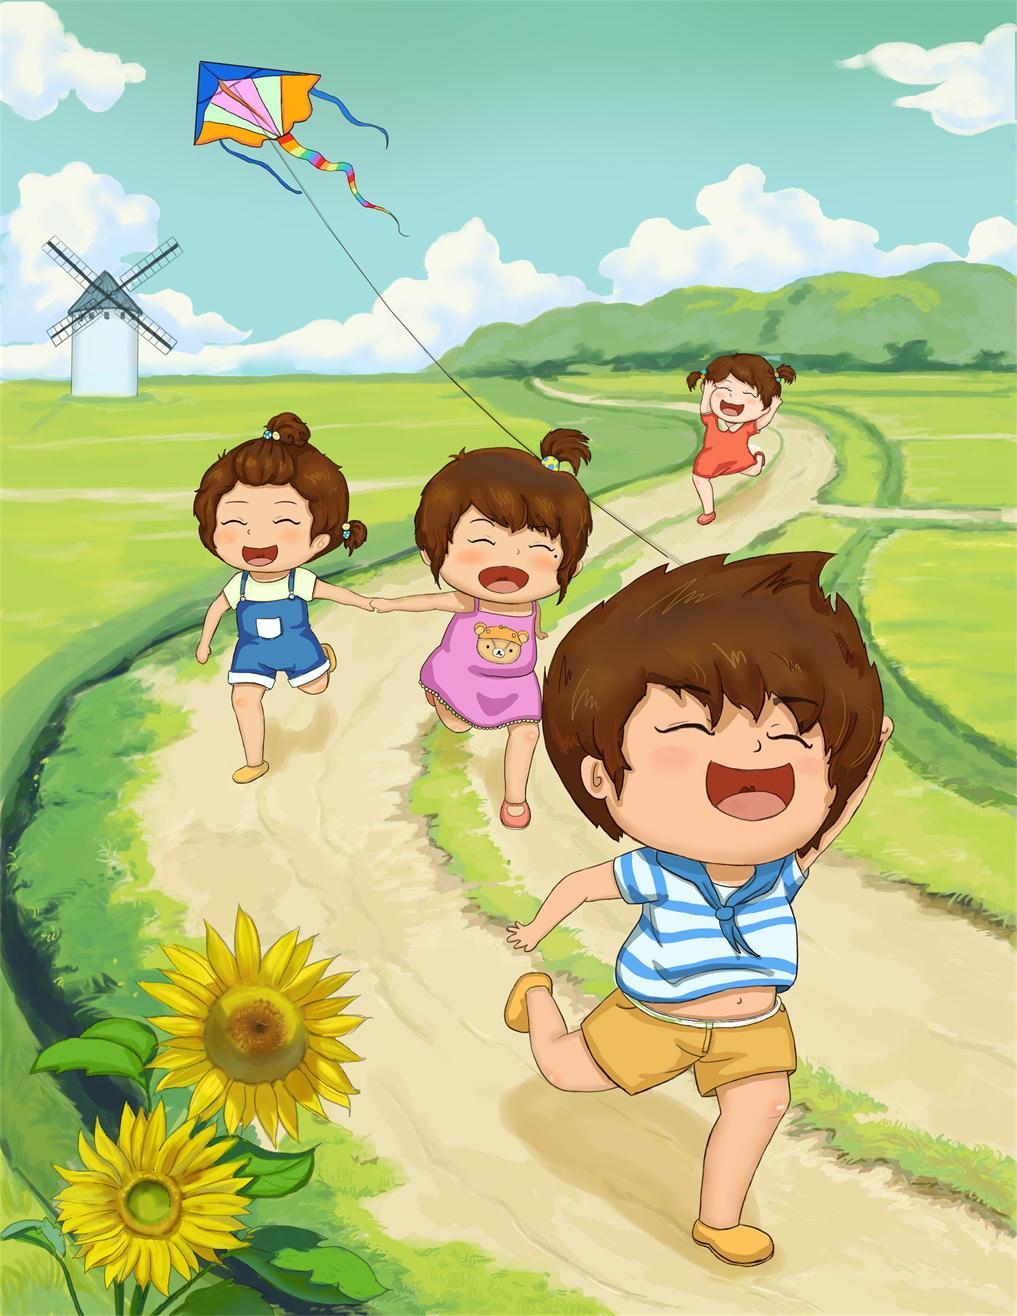 小时候的插画——放风筝.图片